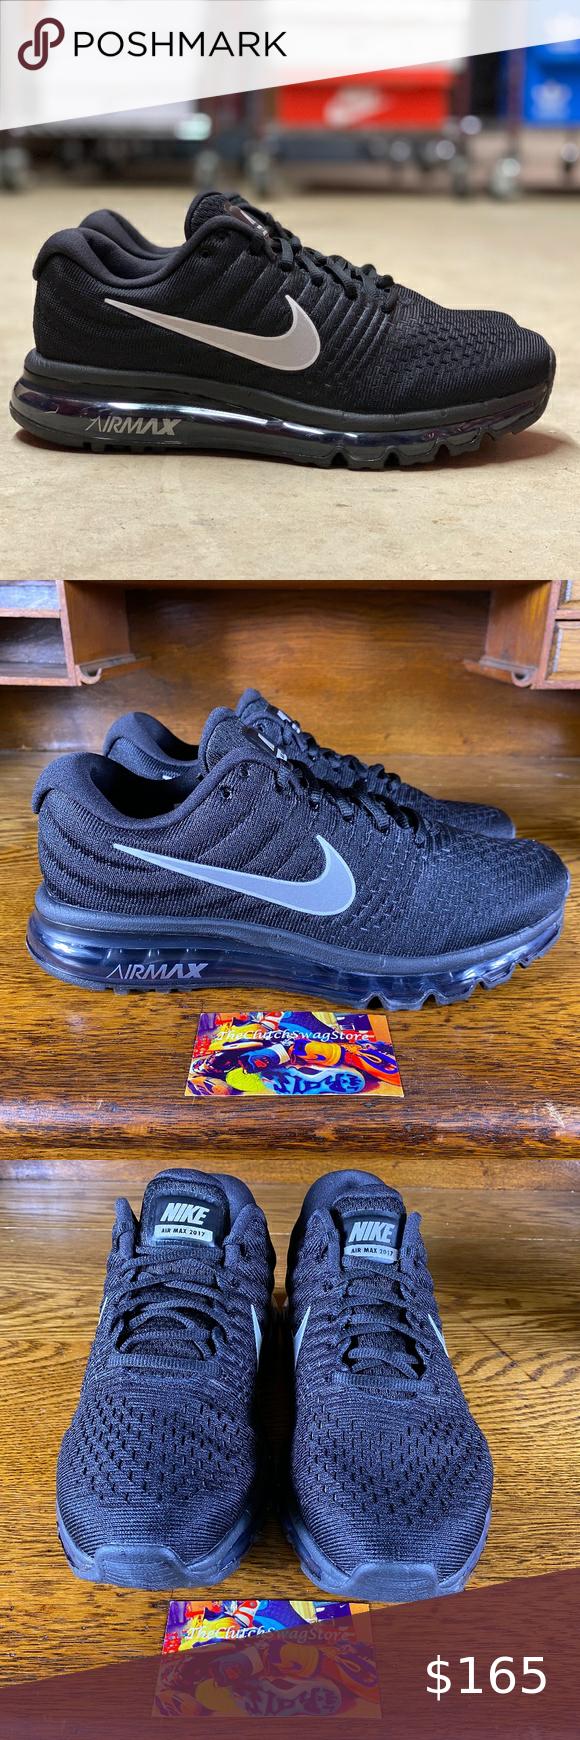 Nike Air Max 2017 Mens Runners 849559-001 NEW Mult in 2020 ...